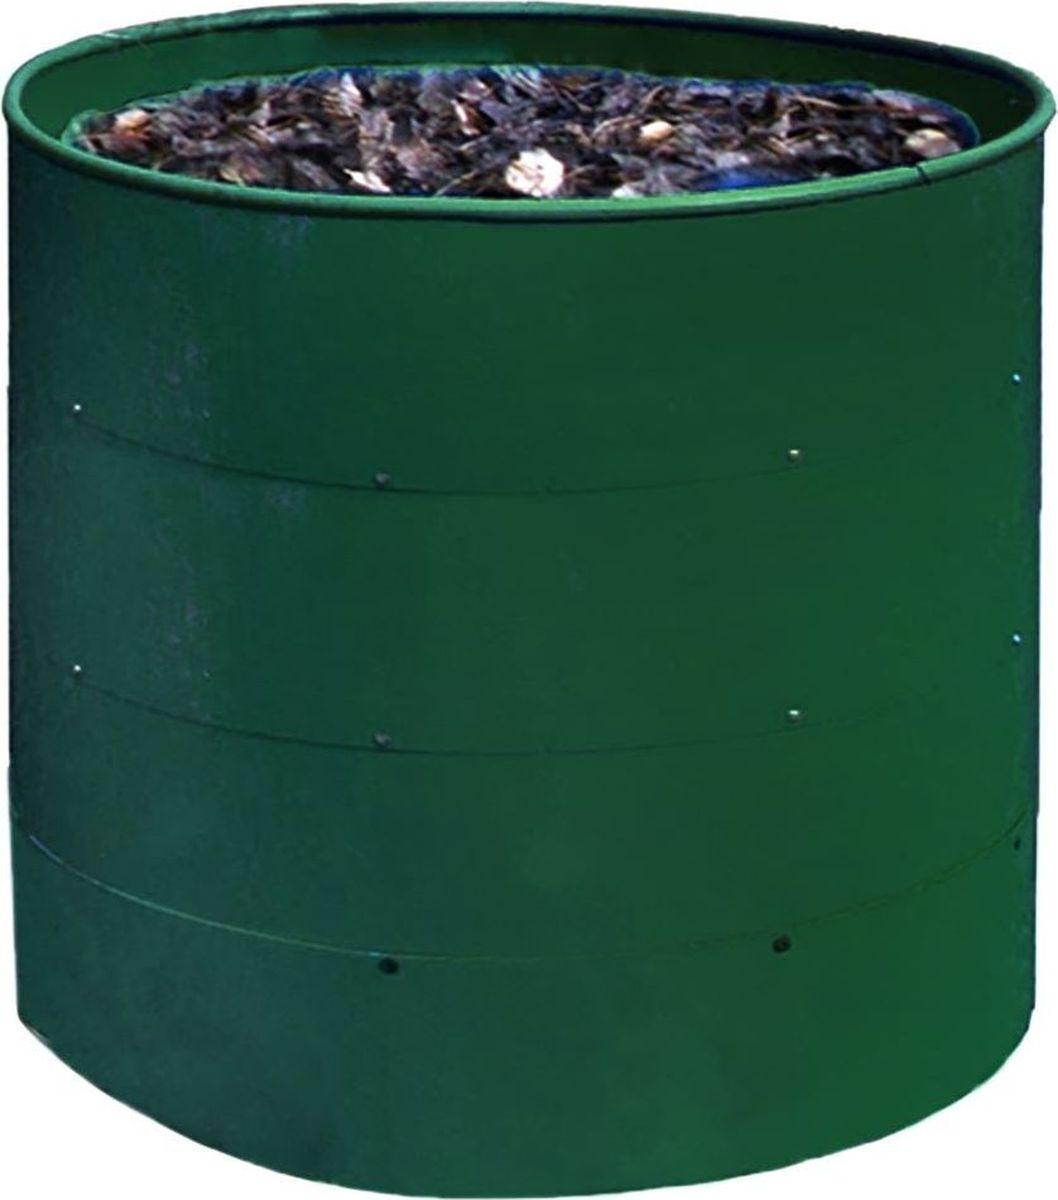 Компостер садовый ГарденПласт, 700 л1822853Компостер позволяет создать на дачном участке безотходное производство. С помощью аккуратного компактного контейнера (ширина — 35 см, высота — 0,9 м) вы одновременно избавитесь от убранных листьев и травы и получить удобрение. Преимущества: Можно собрать, разобрать и увезти с дачи на зиму.Помещается в автомобиле благодаря компактным размерам (35 ? 25 ? 35 см).Требует минимум ухода, всегда выглядит как новое.Не деформируется в морозы, не выцветает на солнце.